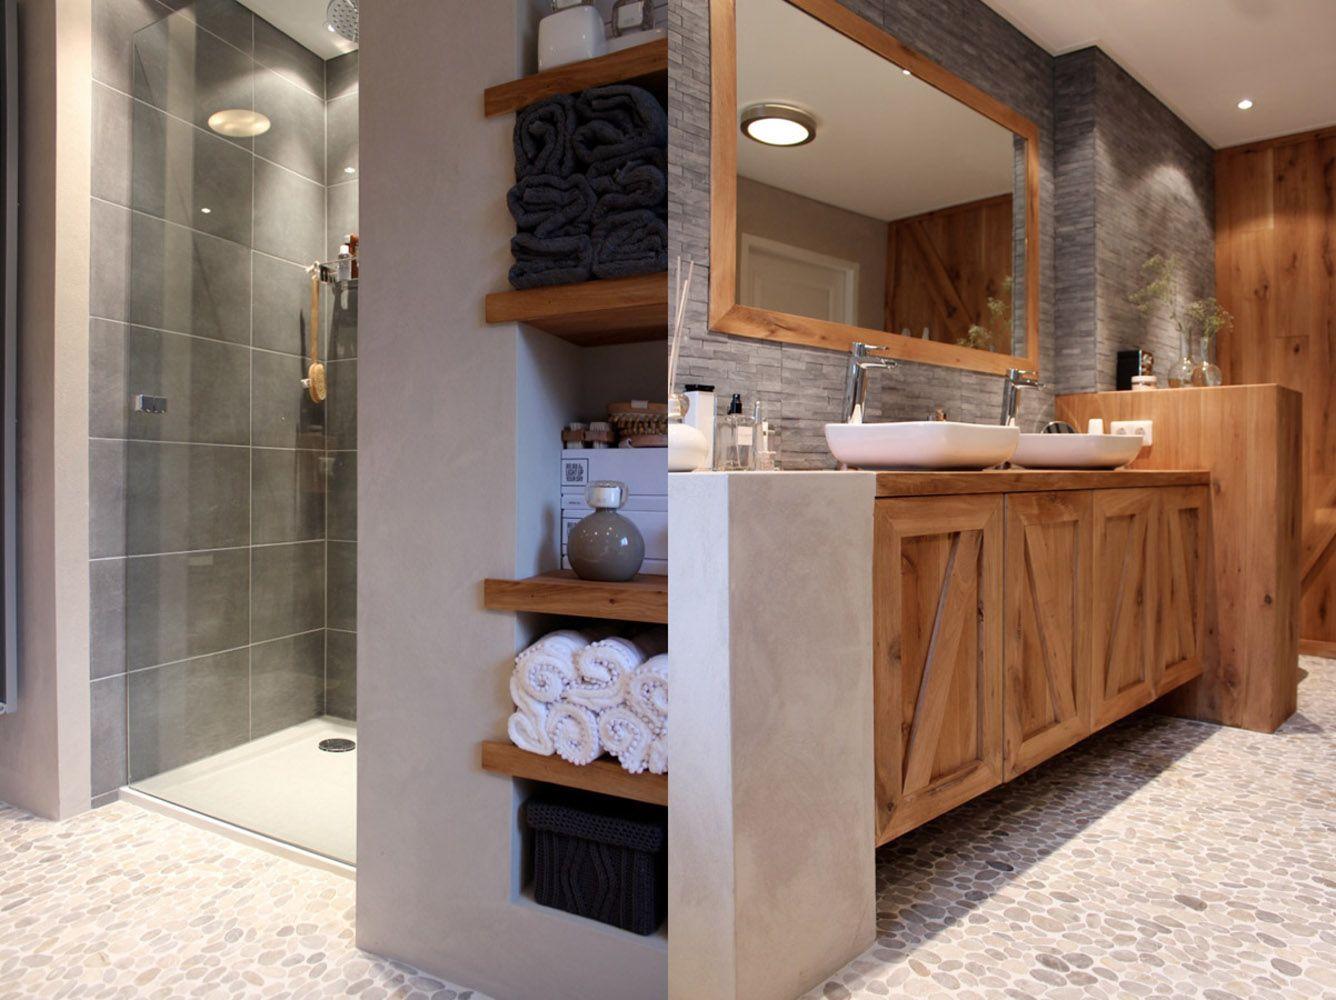 landelijke badkamer ontwerp en styling voor eh t eigen huis